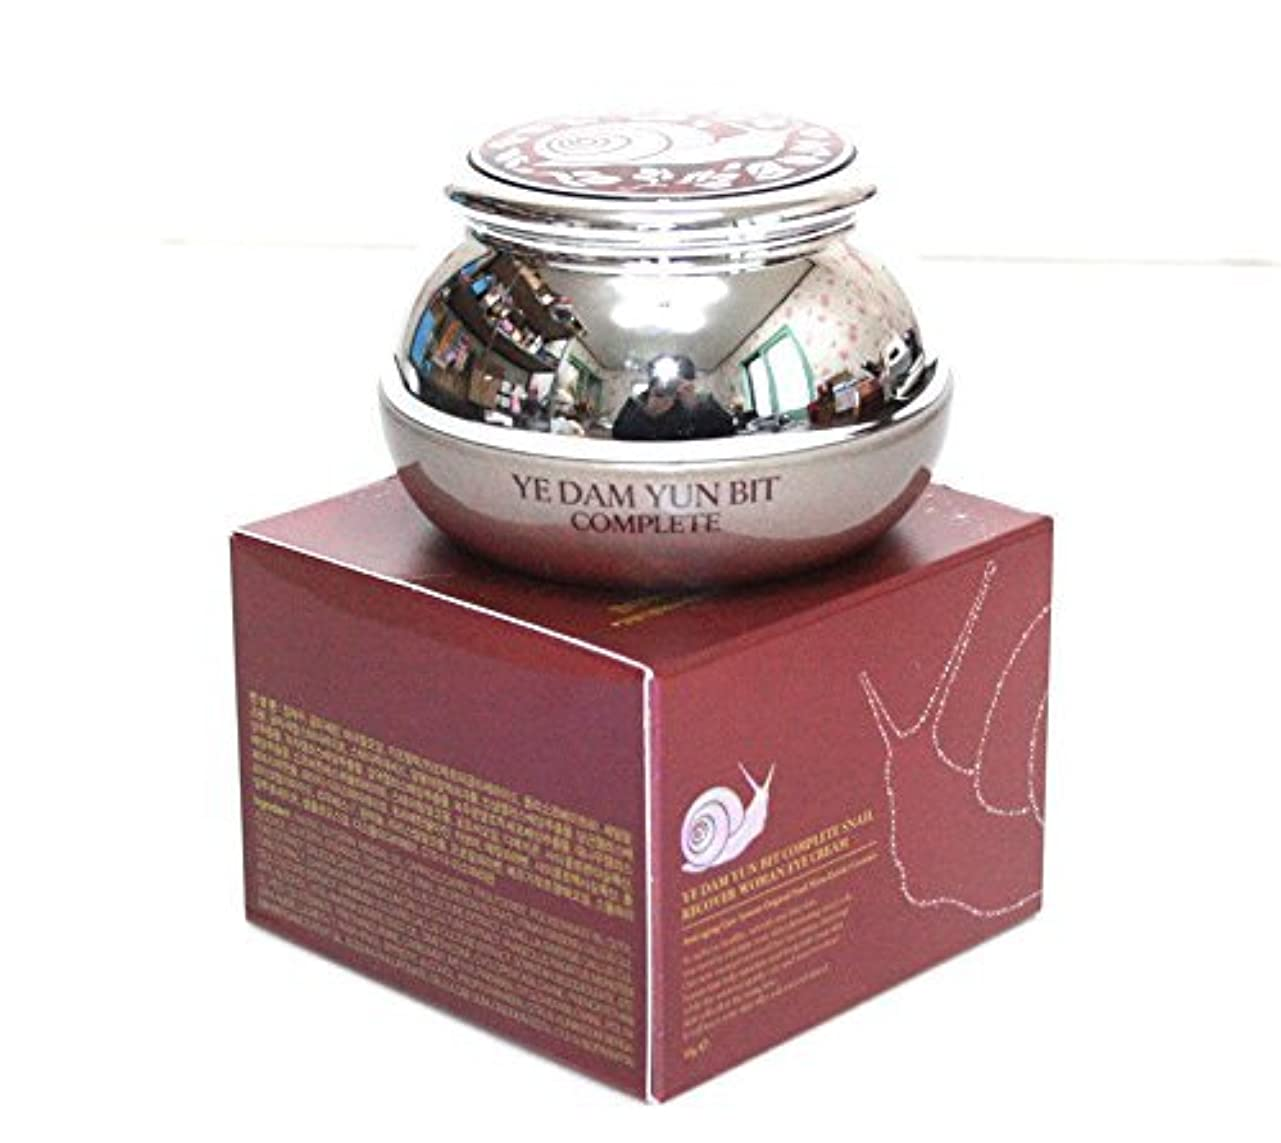 リスキーな上病的[YEDAM YUN BIT] スキンが完成カタツムリ回復女性のアイクリーム50ml/韓国の化粧品/COMPLETE Skin Snail Recover Woman Eye Cream 50ml/Korean cosmetics...